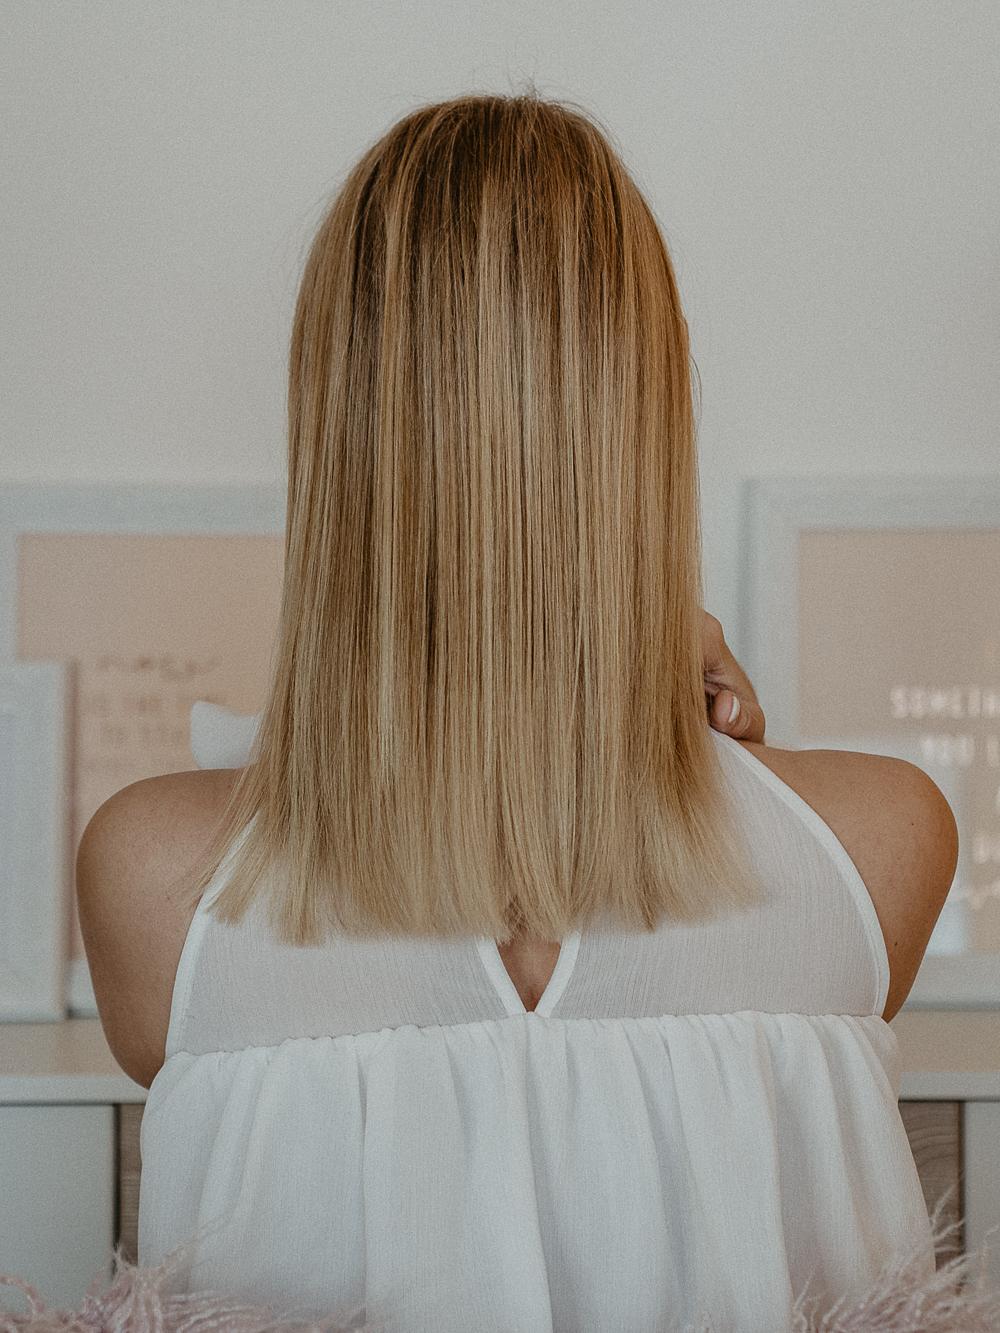 Frisurentrends 2019 Haarfarben Trends 2019 Haarguide Frisueren